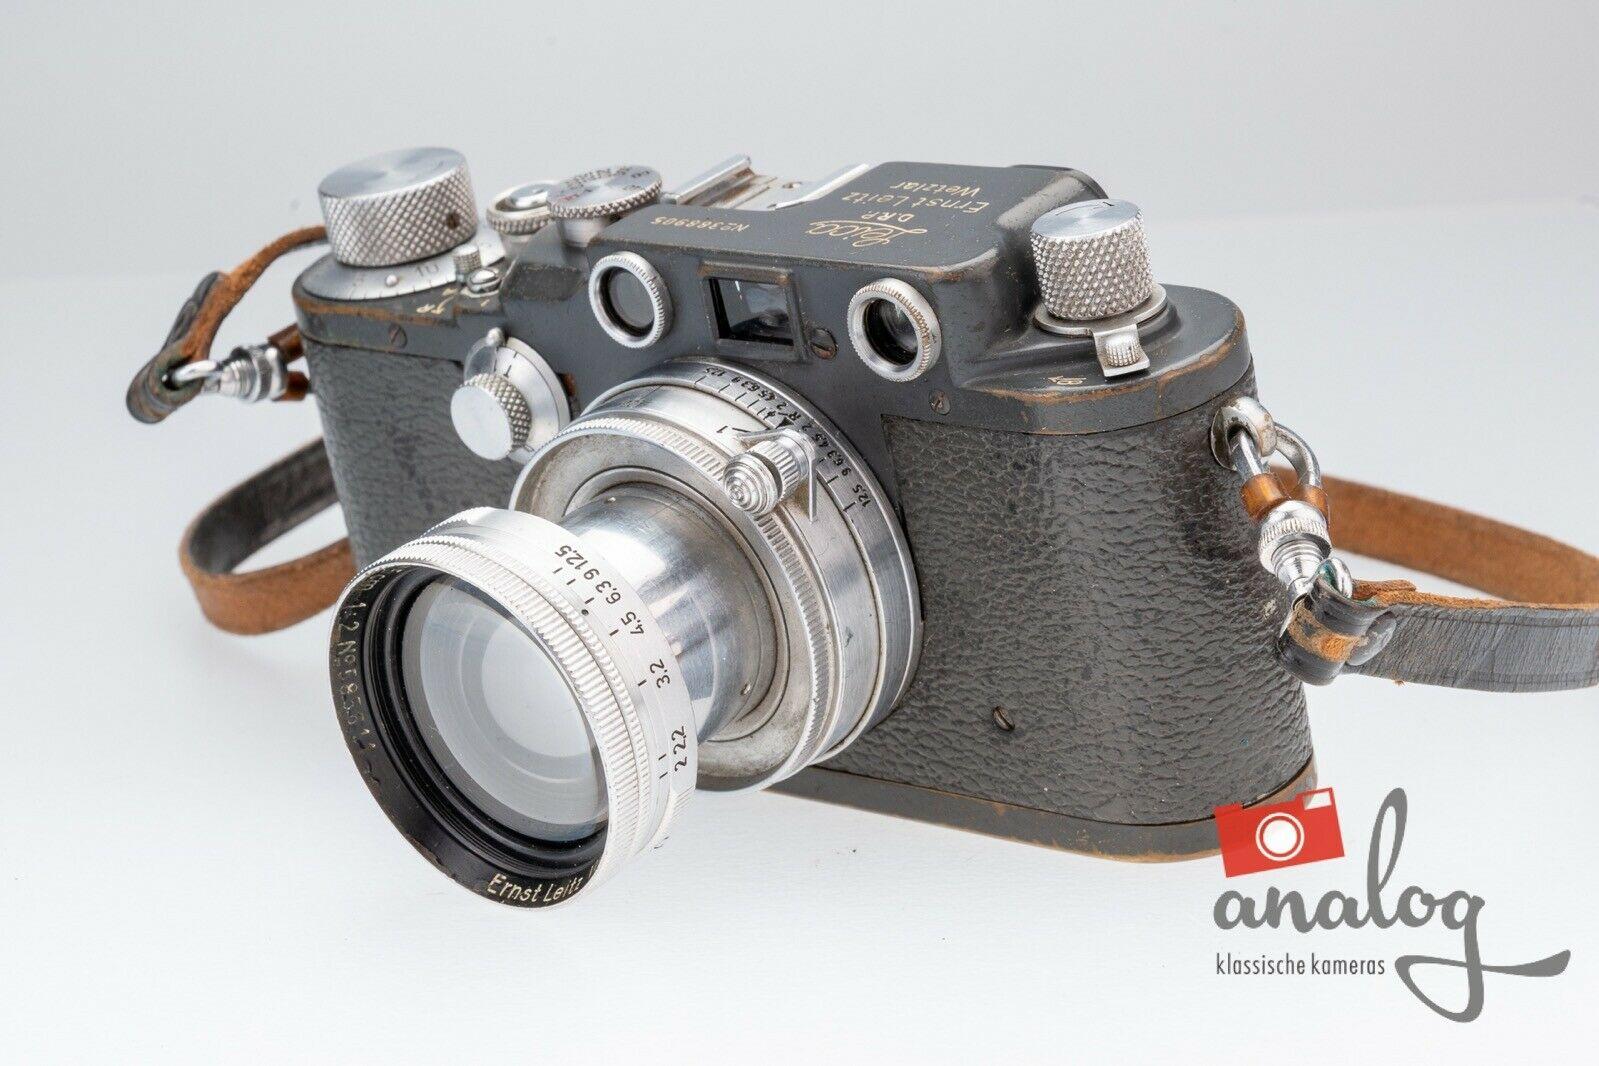 Leica Sammlerstücke und Raritäten | Kameraankauf